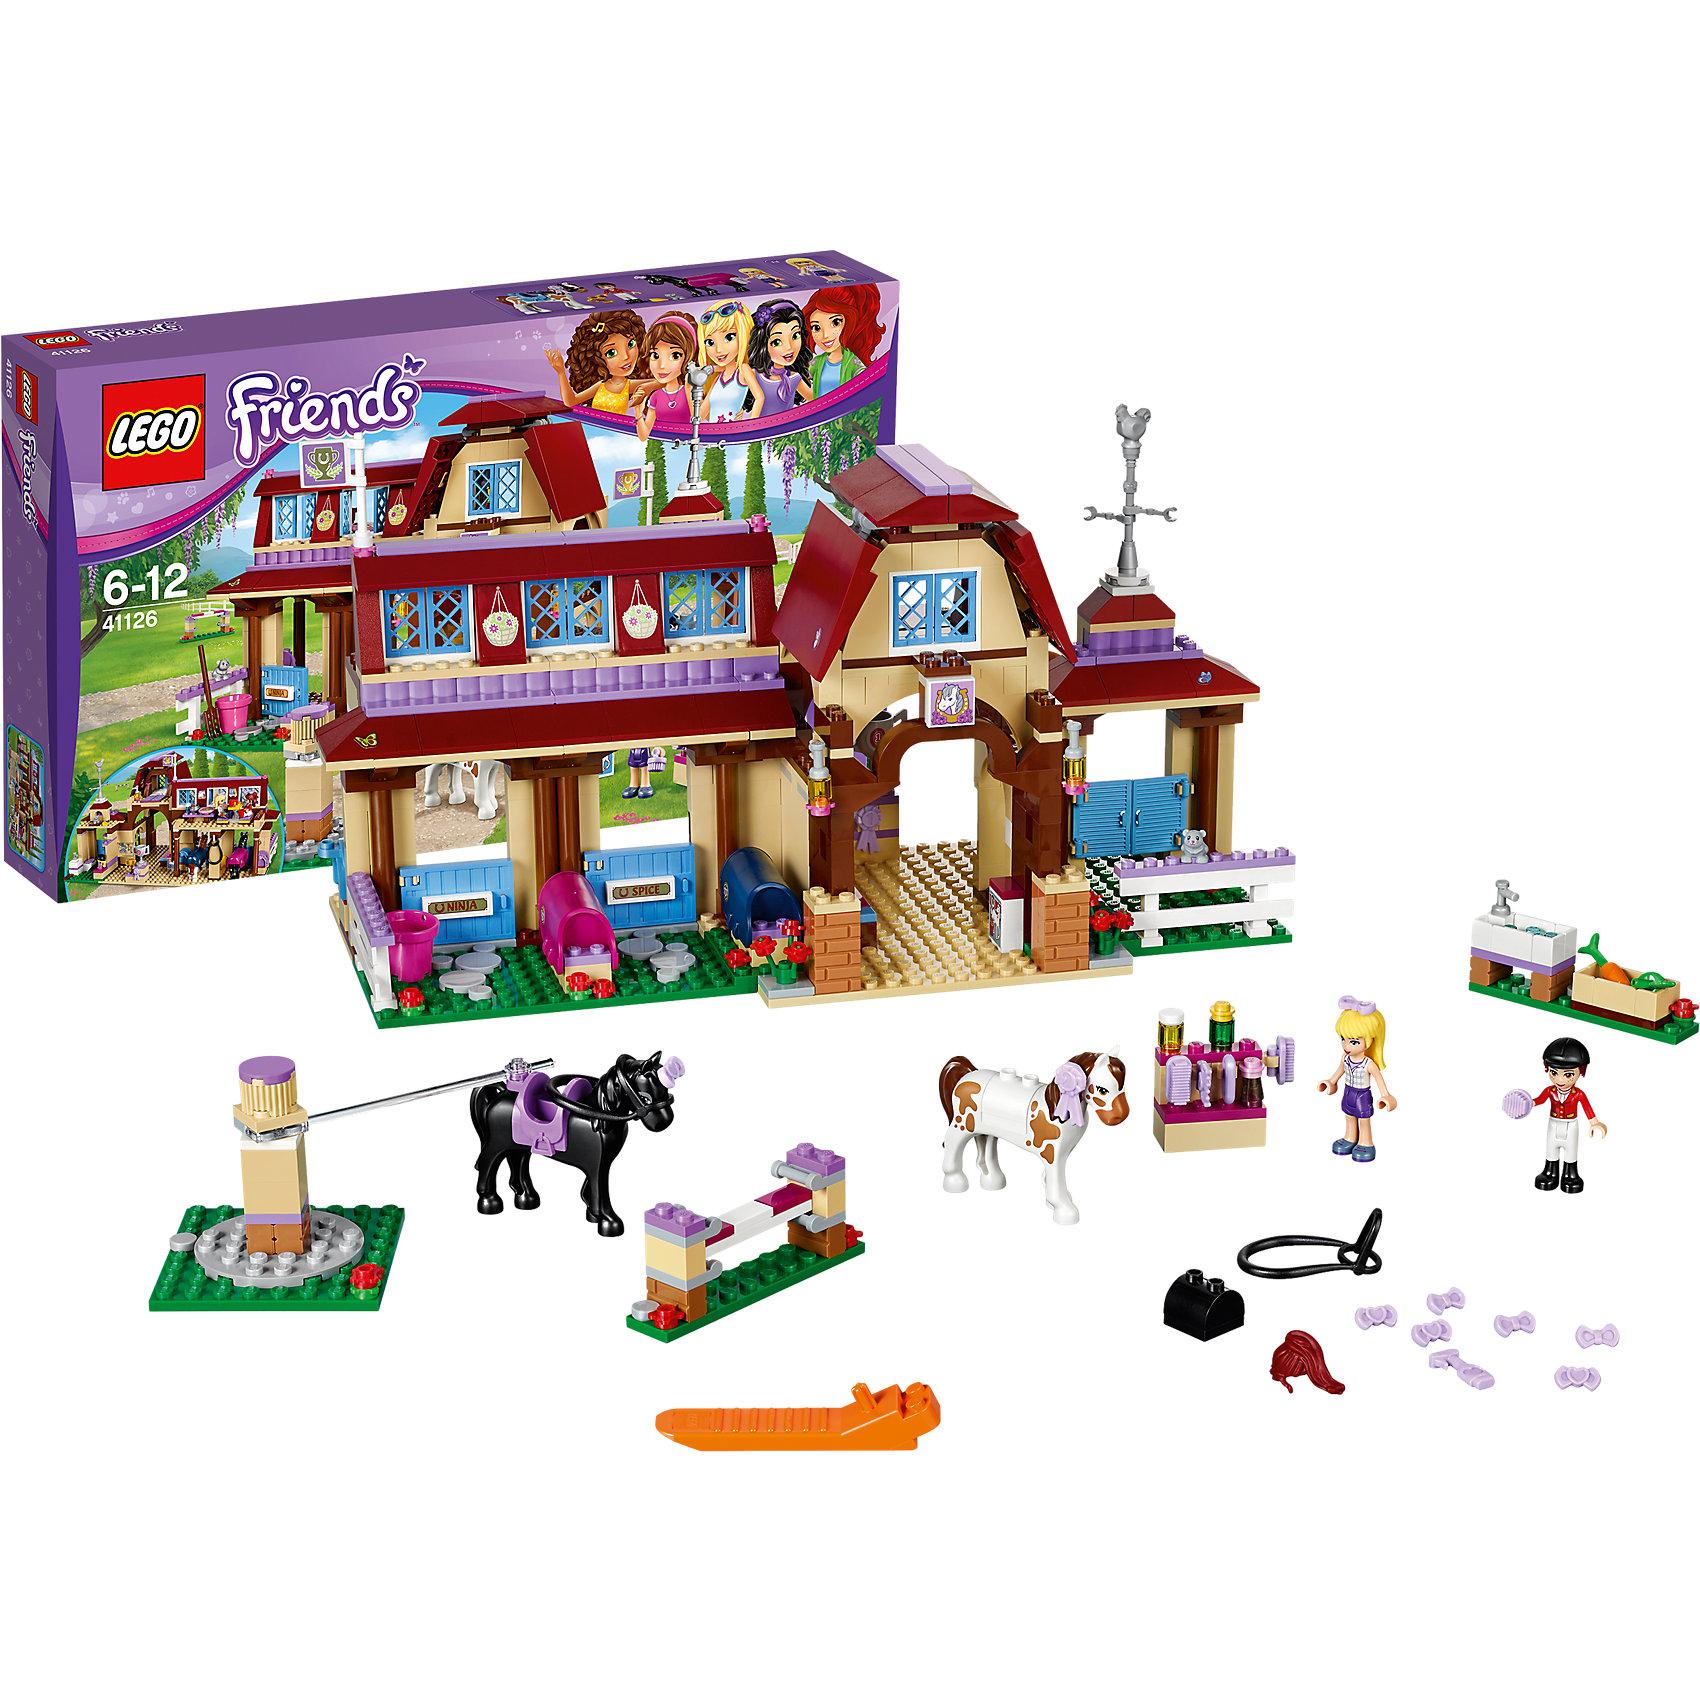 LEGO Friends 41126: Клуб верховой ездыКонструкторы из серии LEGO Friends полюбились многим современным девочкам, поэтому набор Лего, из которого можно собрать разные сюжеты про героев и её приключения, обязательно порадует ребенка. Такие игрушки помогают детям развивать воображение, мелкую моторику, логику и творческое мышление.<br>Набор состоит из множества деталей, с помощью которых можно  собрать декорации для игр, а также в нем есть фигурки любимых персонажей! С таким комплектом можно придумать множество игр!<br><br>Дополнительная информация:<br><br>цвет: разноцветный;<br>размер коробки: 7 x 47 x 28 см;<br>вес: 3000 г;<br>материал: пластик;<br>количество деталей: 575.<br><br>Набор Клуб верховой езды от бренда LEGO Friends можно купить в нашем магазине.<br><br>Ширина мм: 475<br>Глубина мм: 281<br>Высота мм: 78<br>Вес г: 1190<br>Возраст от месяцев: 72<br>Возраст до месяцев: 144<br>Пол: Женский<br>Возраст: Детский<br>SKU: 4641218